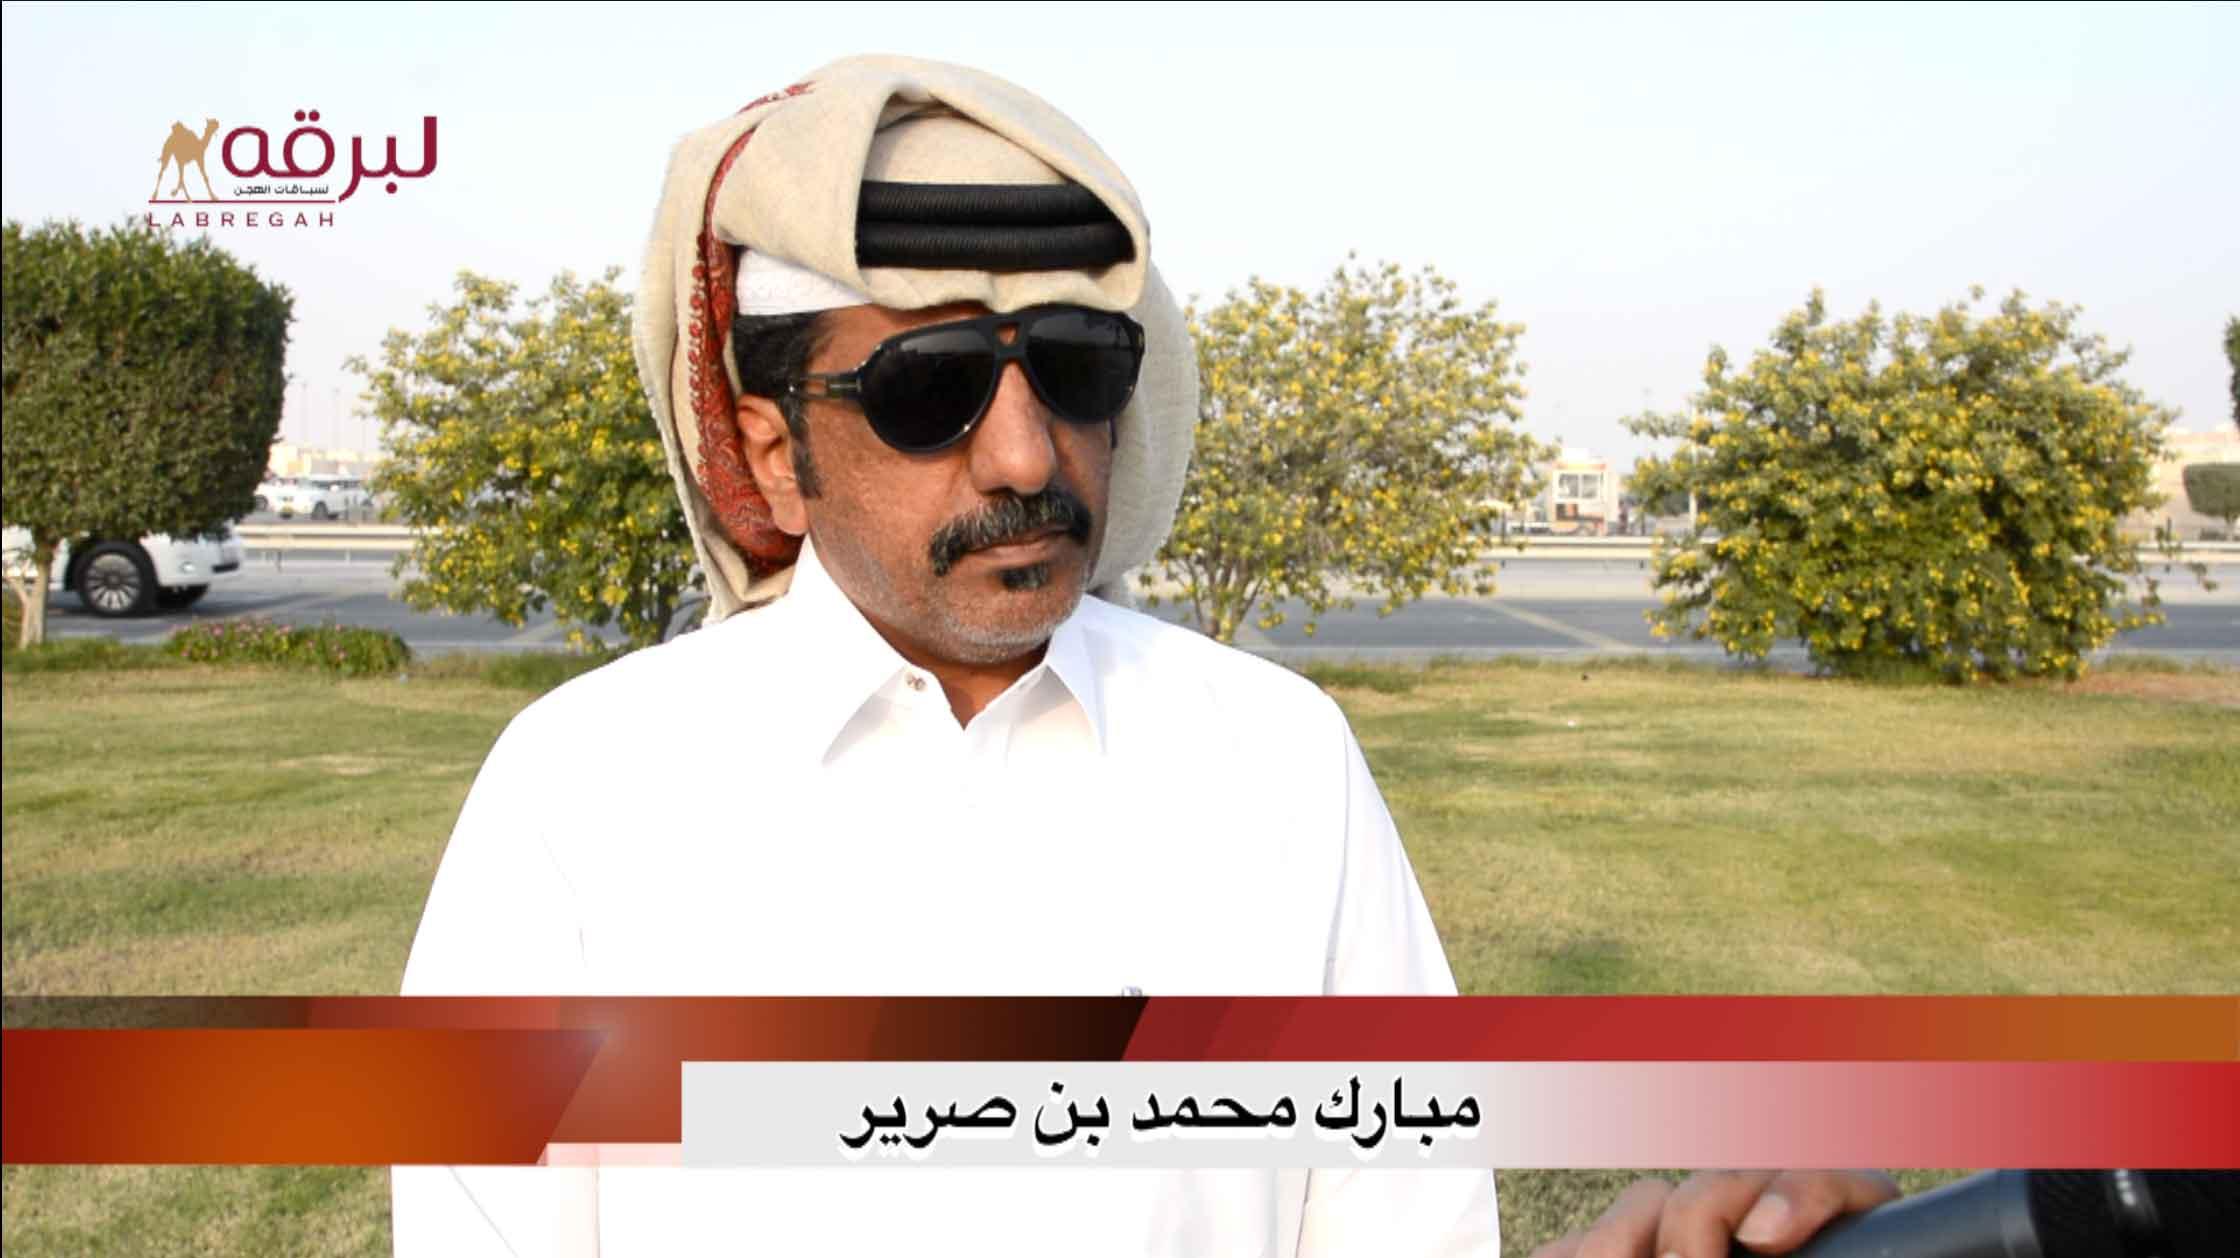 لقاء مع المضمر/ مبارك محمد بن صرير.. الشلفة الذهبية حقايق بكار  « إنتاج » الأشواط المفتوحة  ١٦-١-٢٠٢١